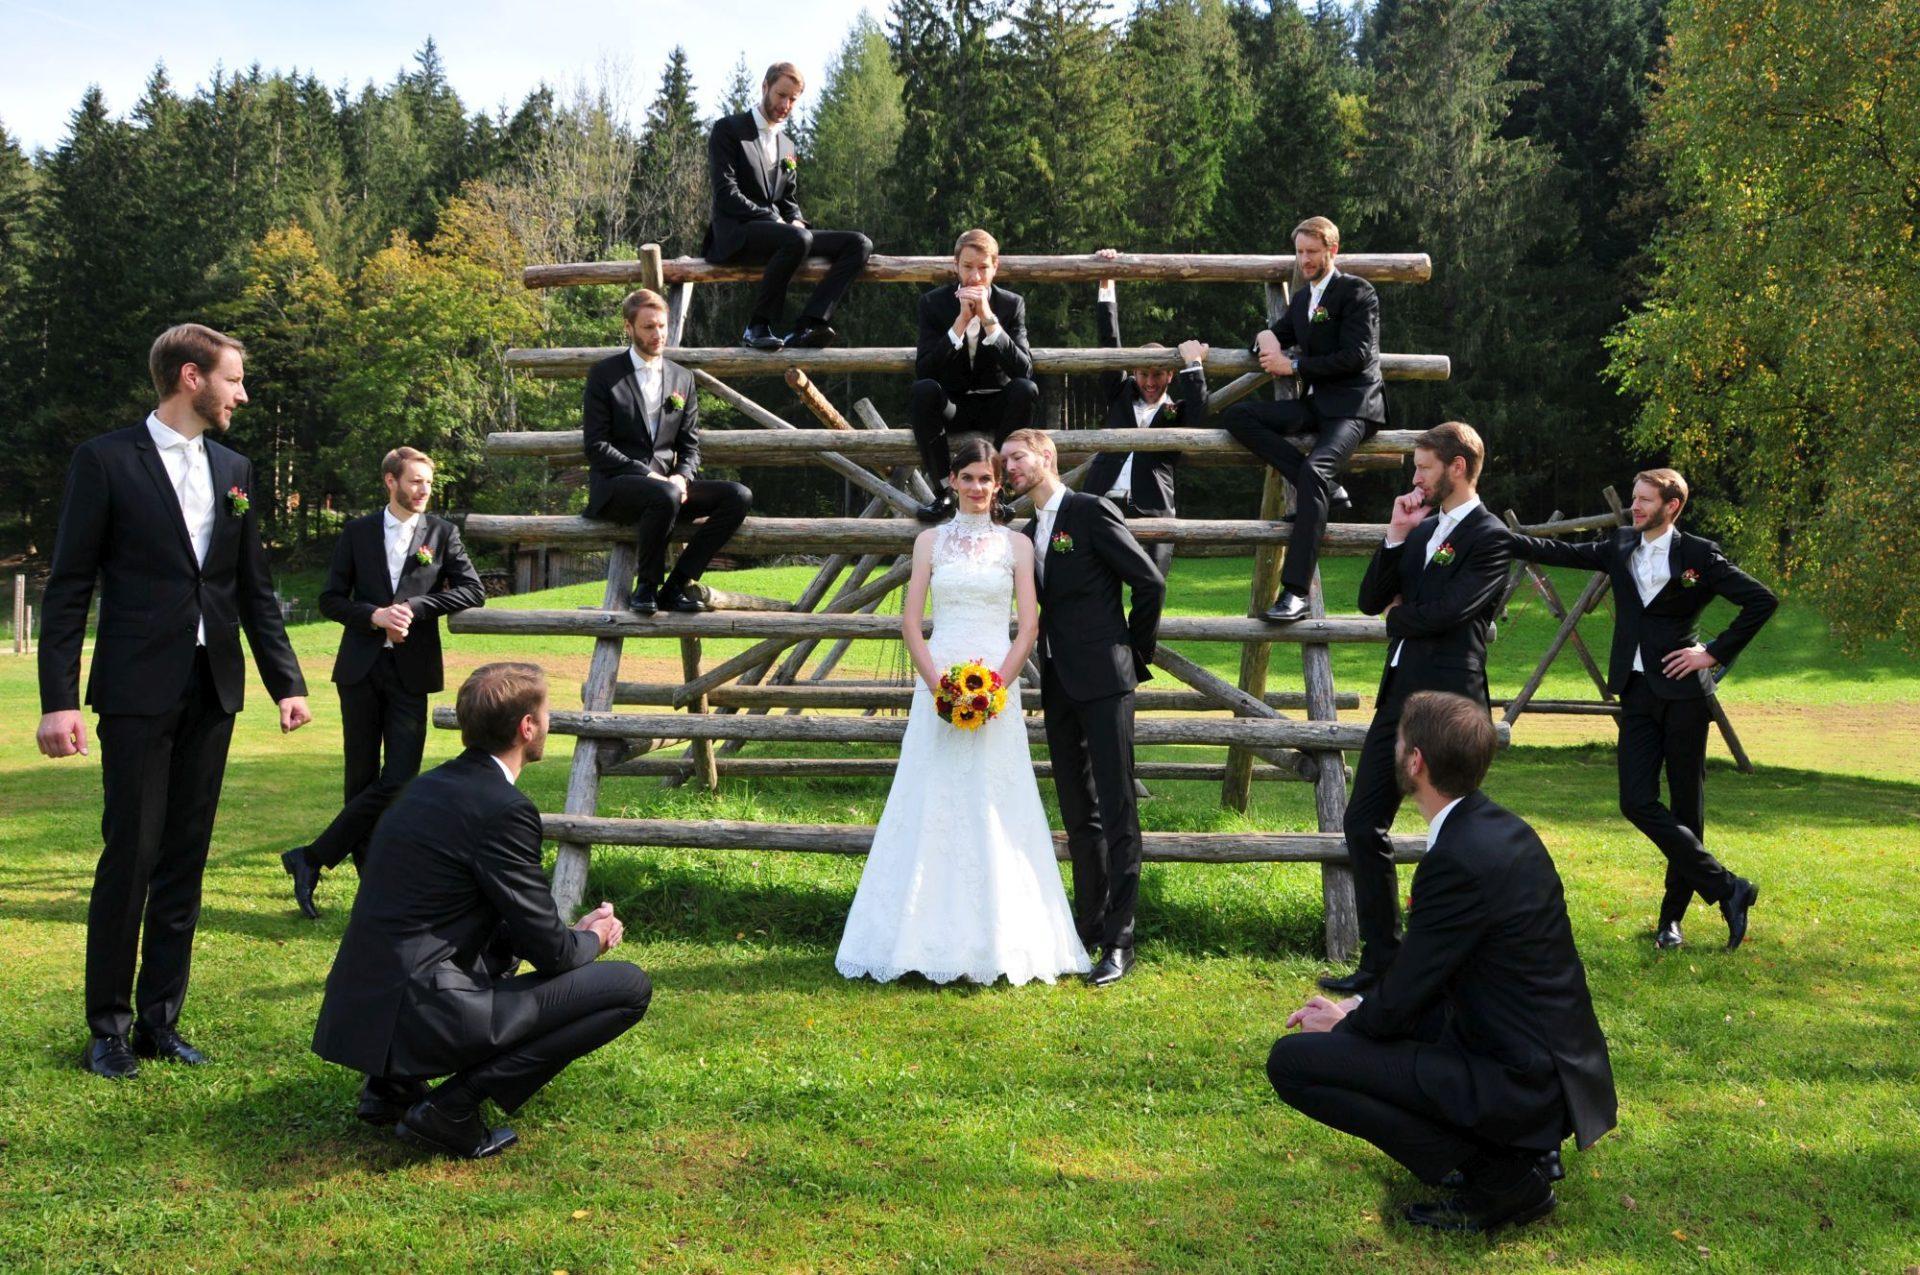 Fotomontage - Braut mit vielen Ehemännern